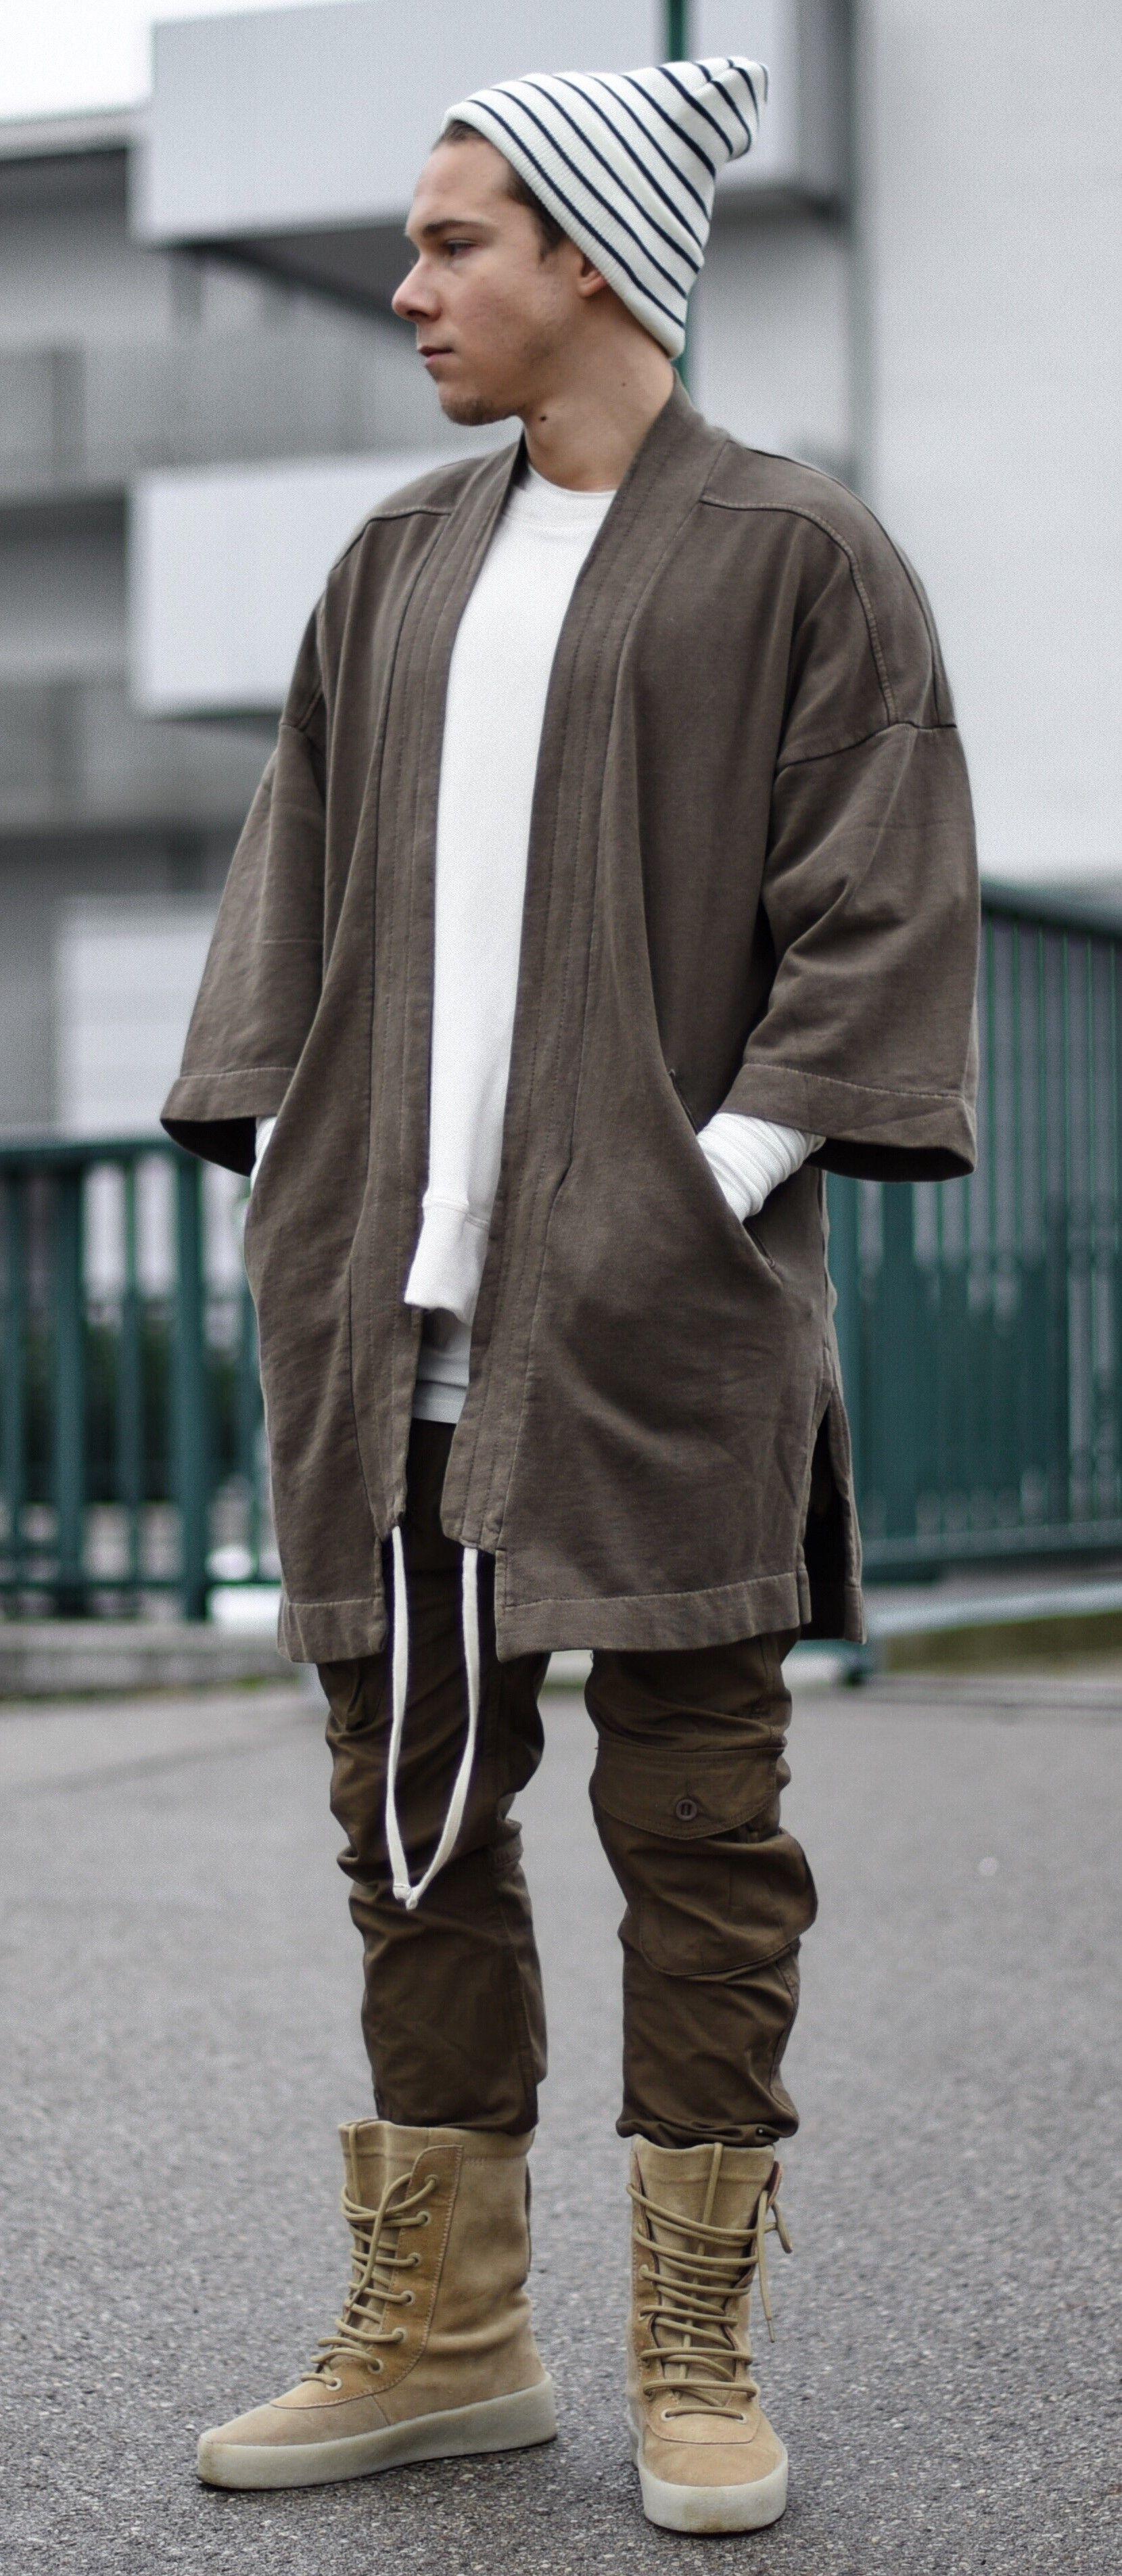 82b1a1fcde03c Earthly Tones Zara Fashion